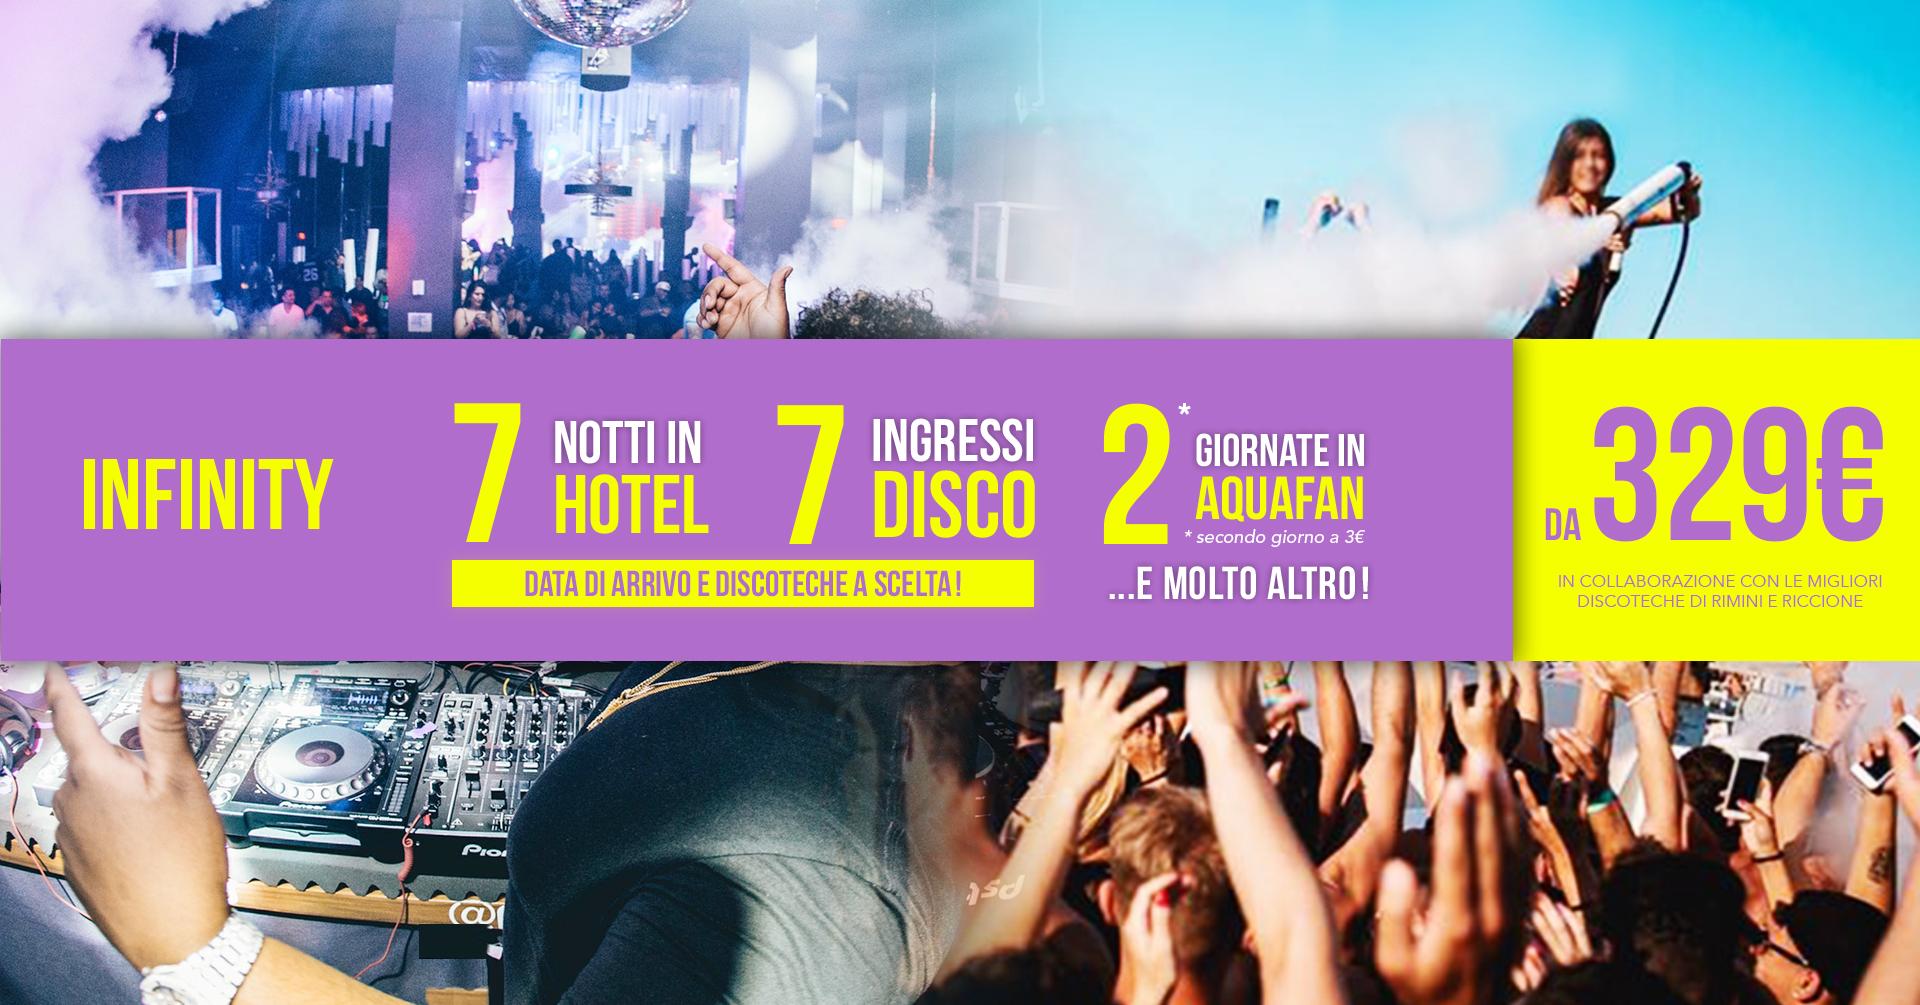 Pacchetto settimanale riccione hotel + discoteche infinity